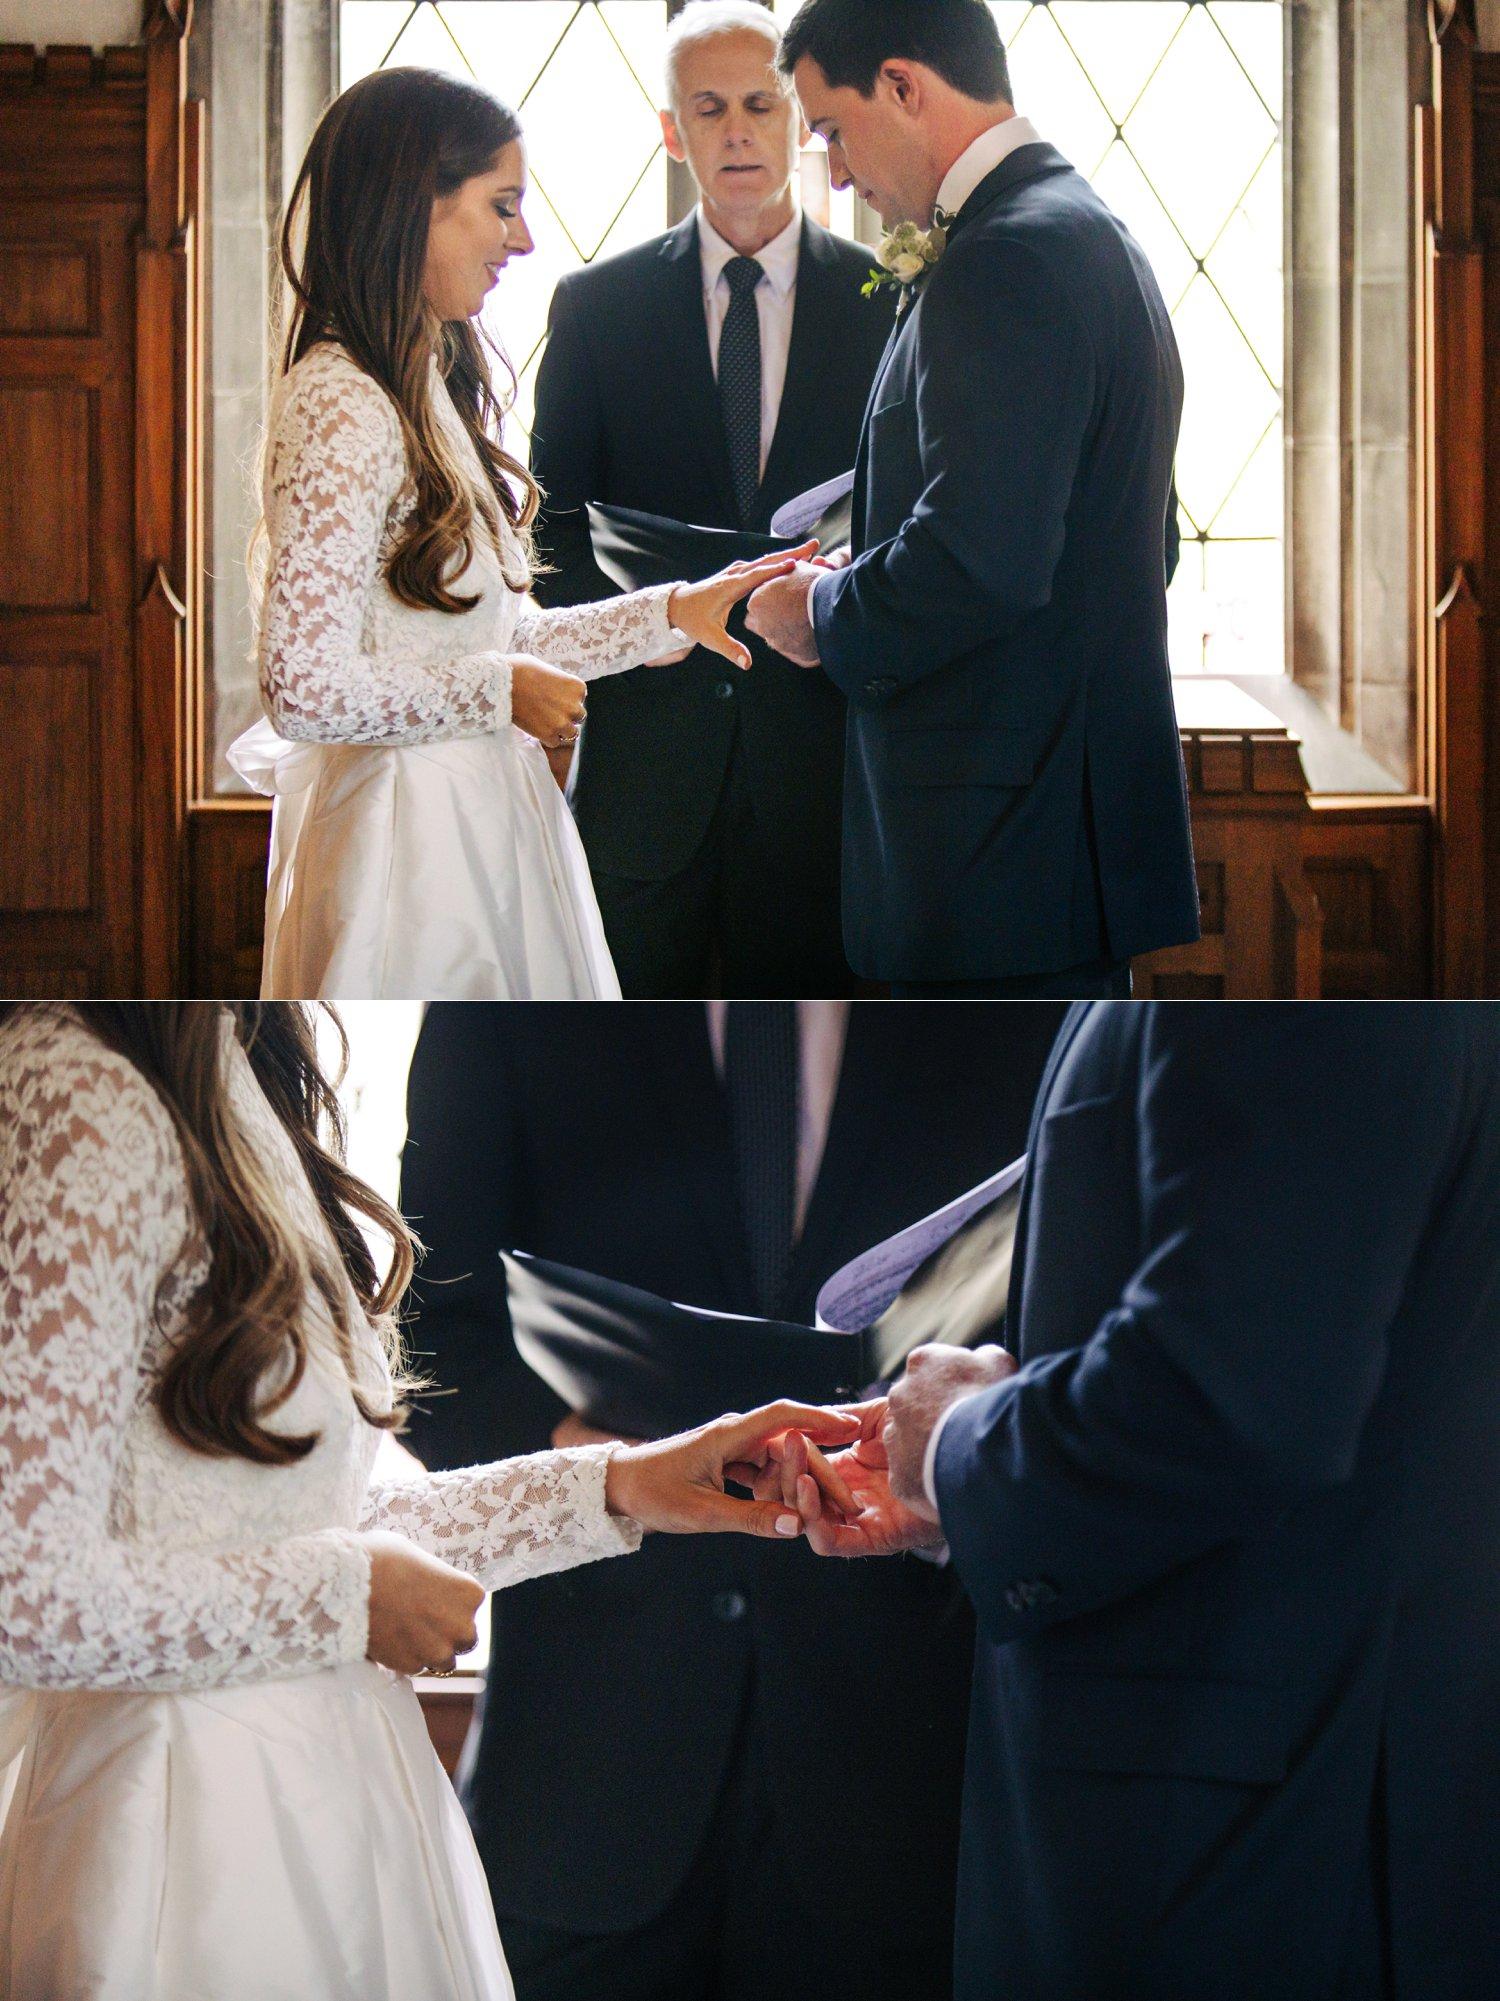 CK-Photo-scarritt-bennett-wedding_0006.jpg